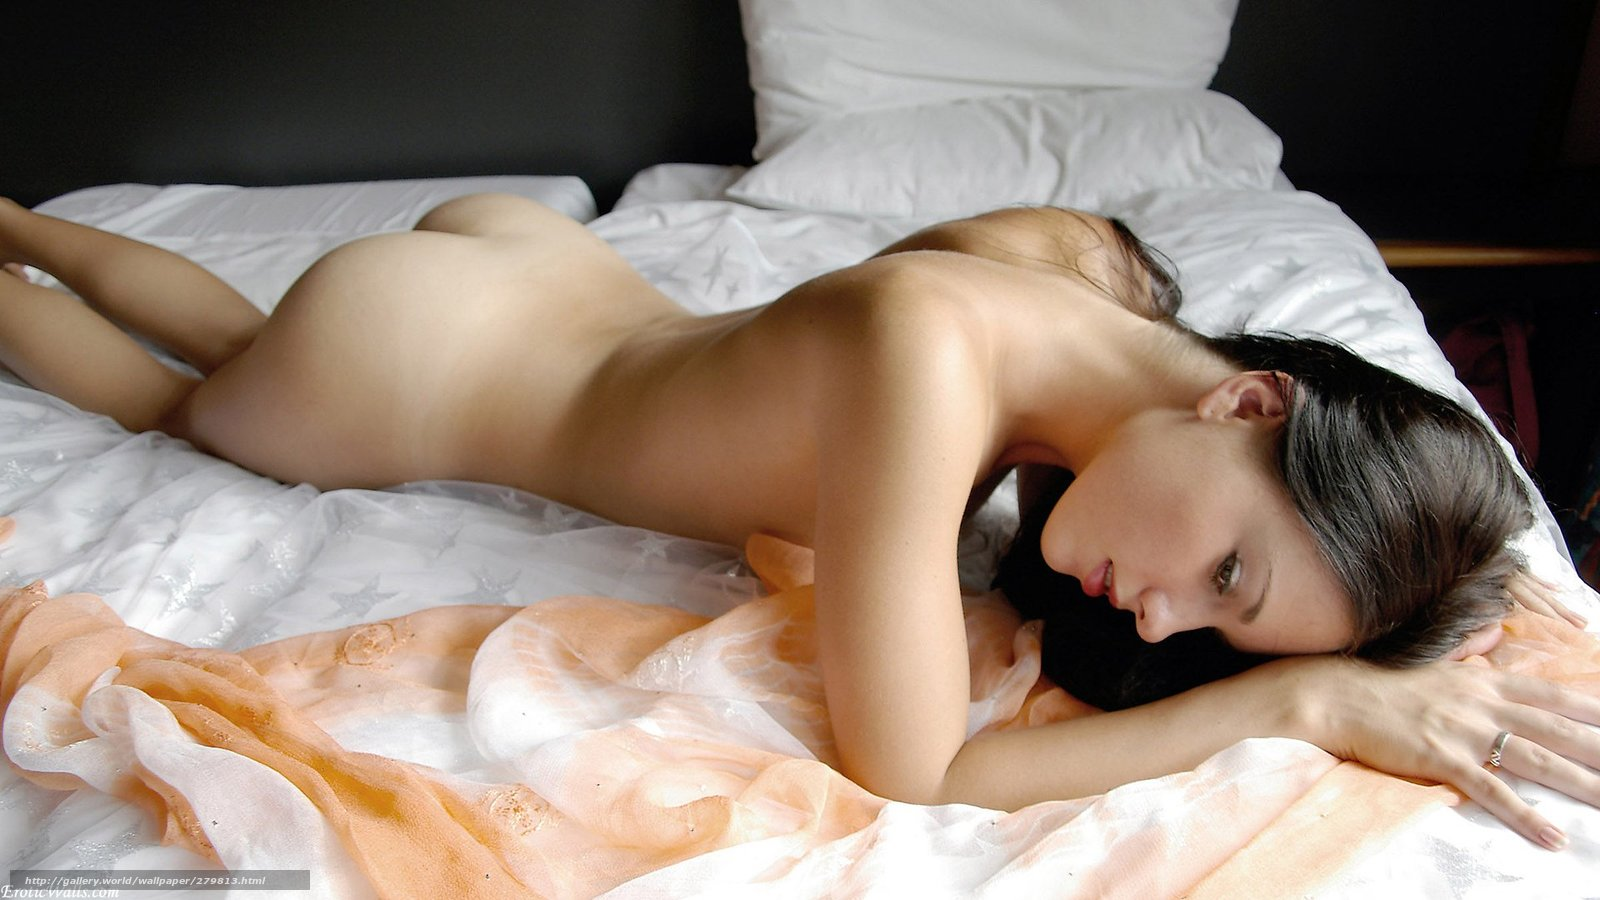 Смотреть очень красивый секс с обоятельной красивой девушкой 14 фотография